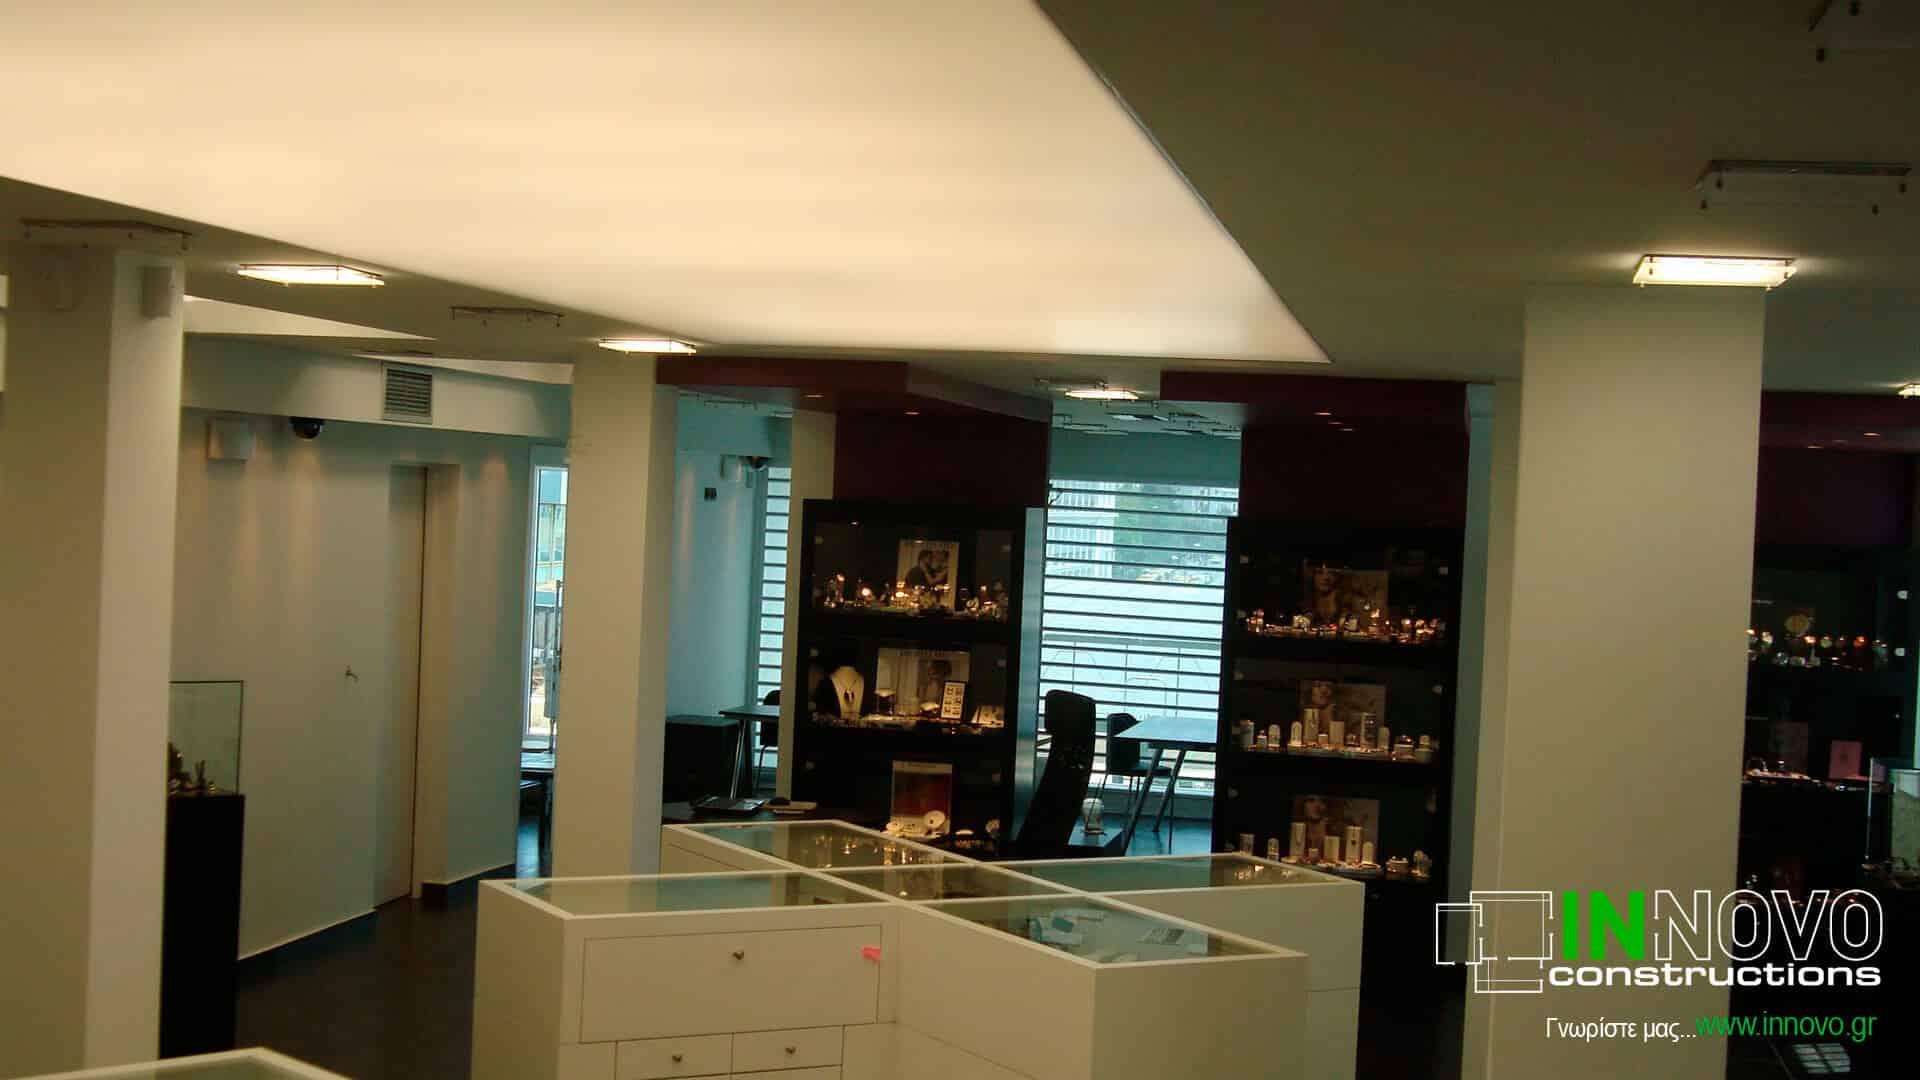 anakainisi-etaireias-company-renovation-soultos-grafeia-1048-15